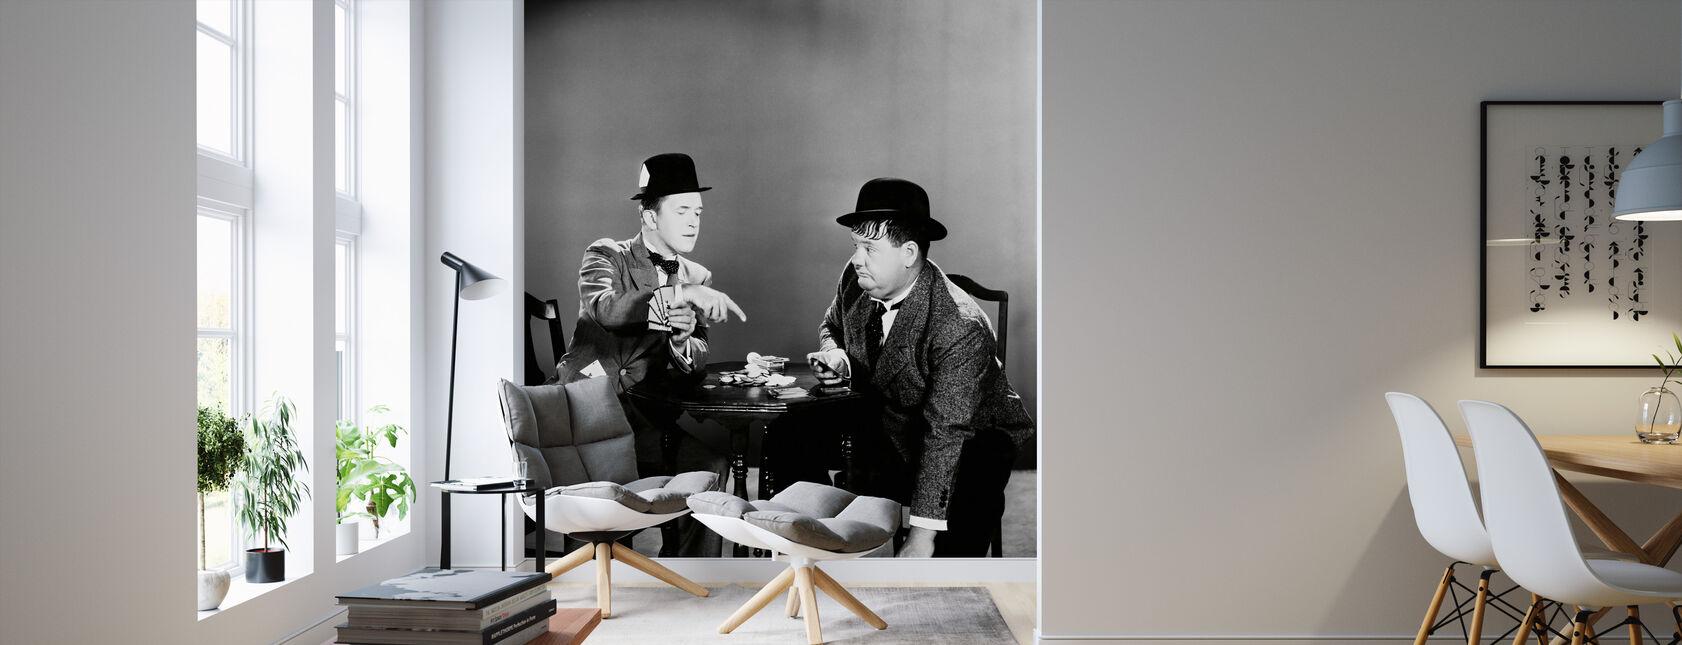 Oliver Hardy ja Stan Laurel - Tapetti - Olohuone